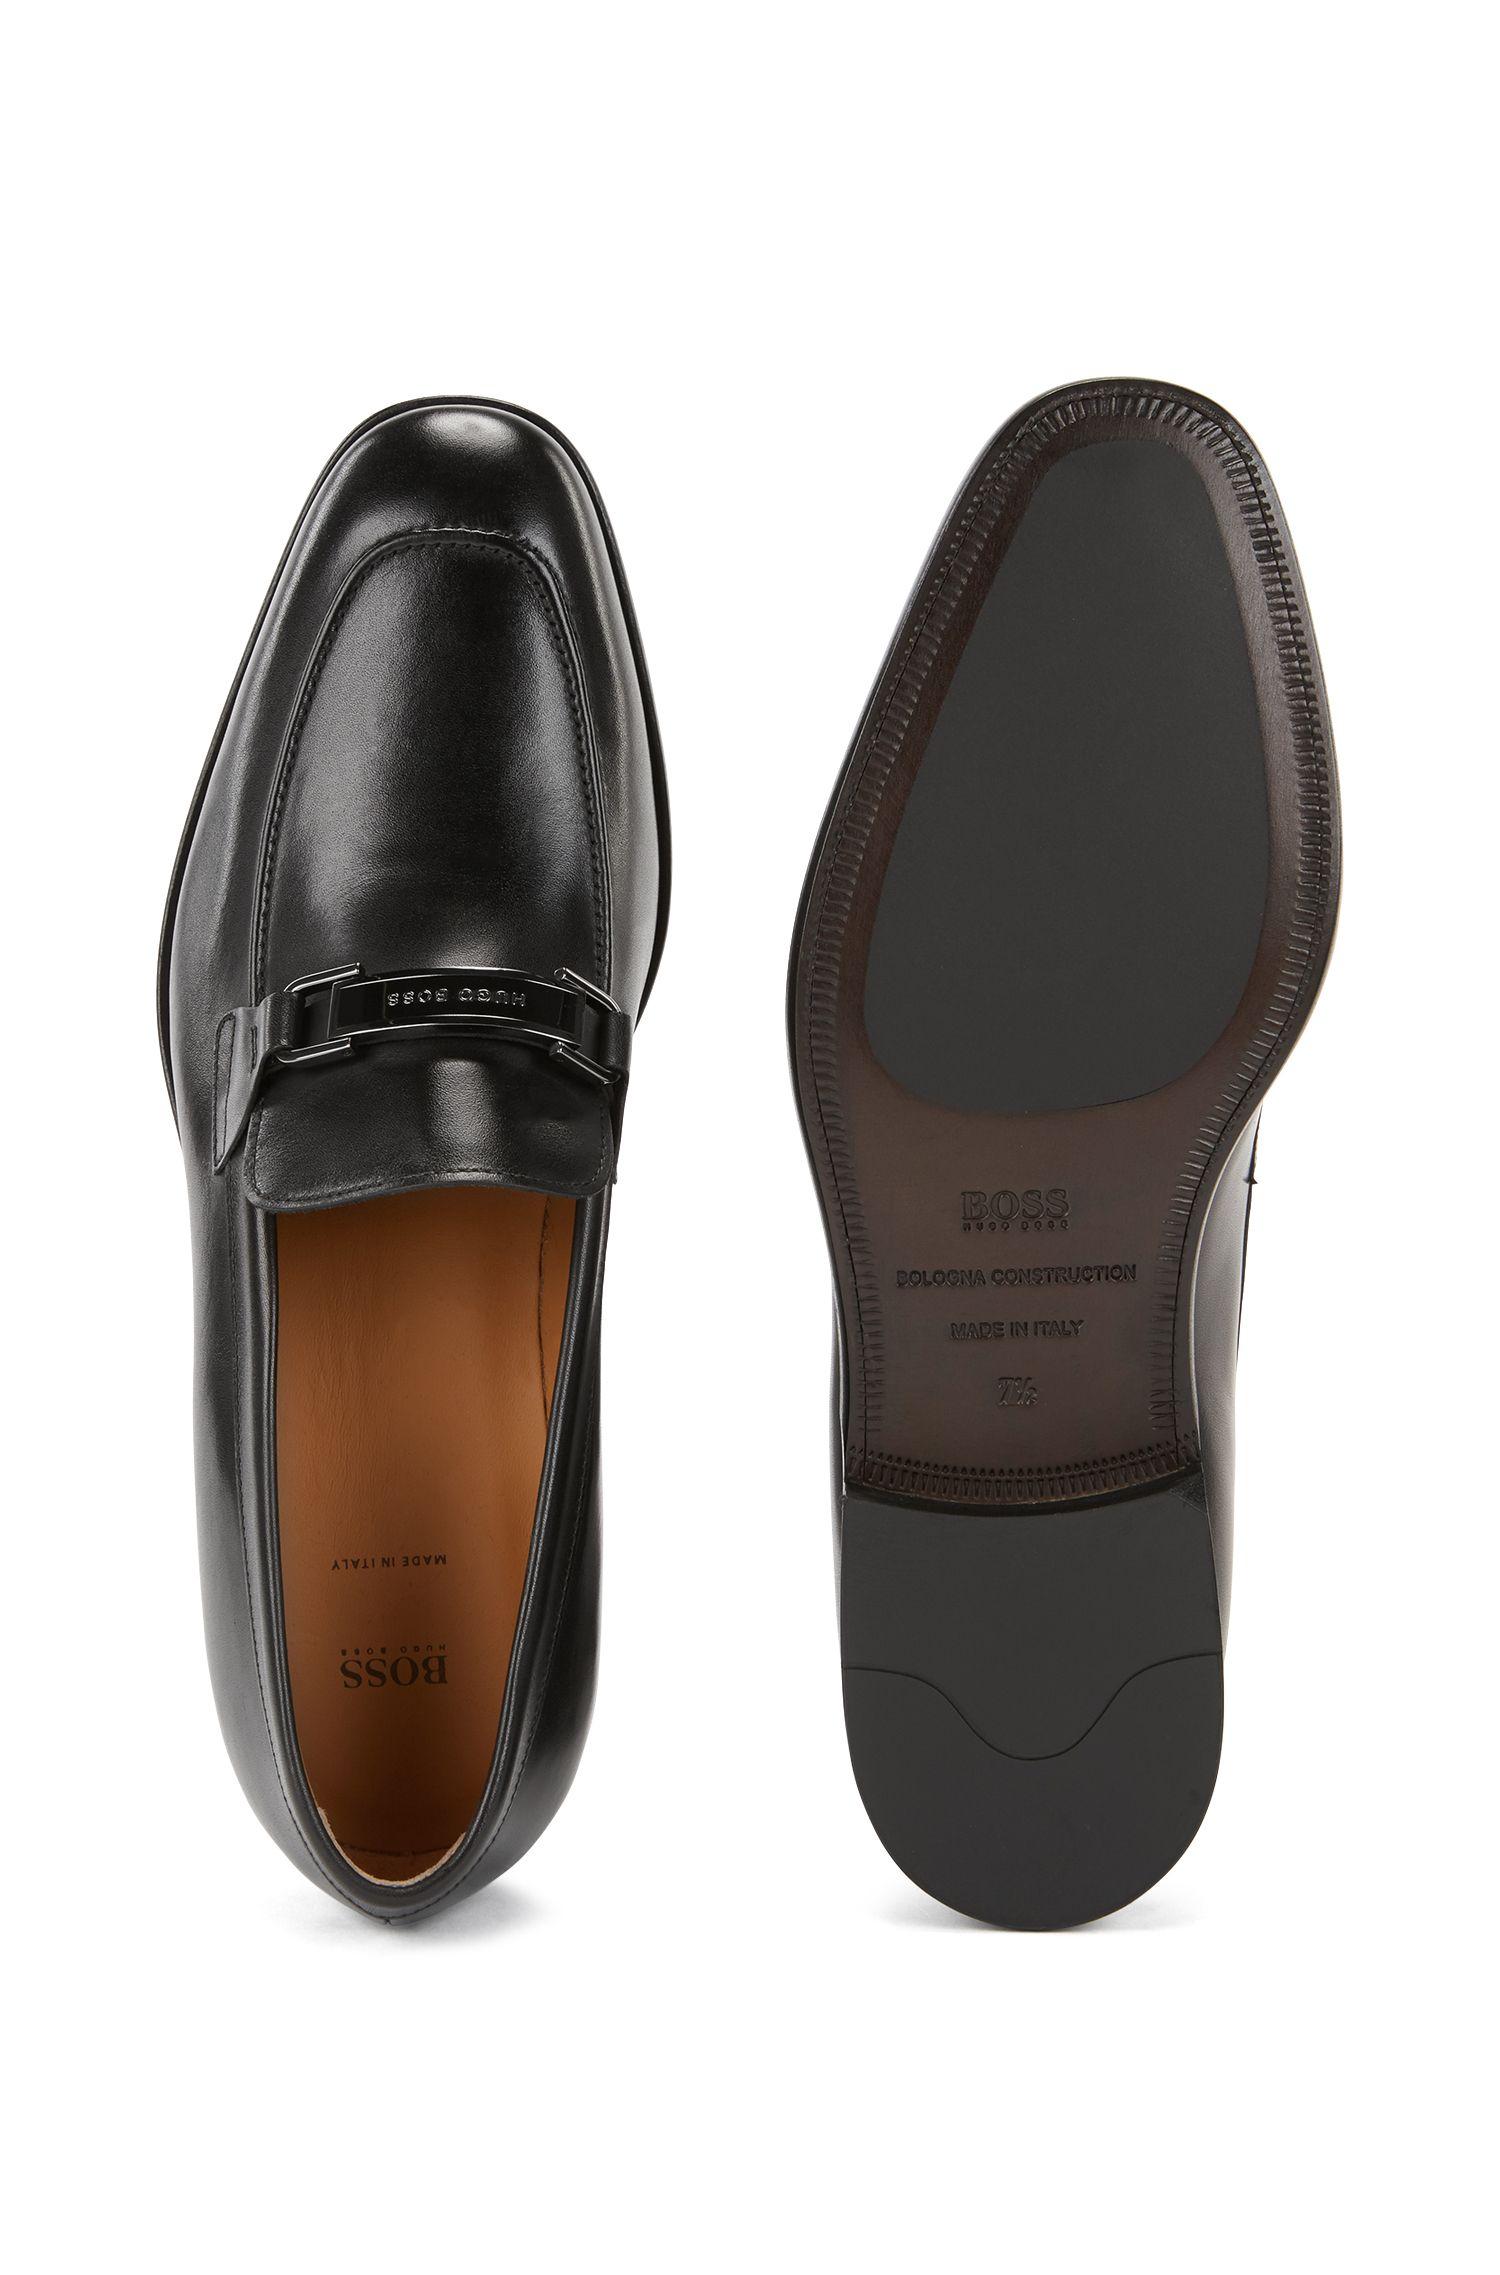 BOSS Hugo Boss Leather Loafer Bristol Loaf Hw 10 Black